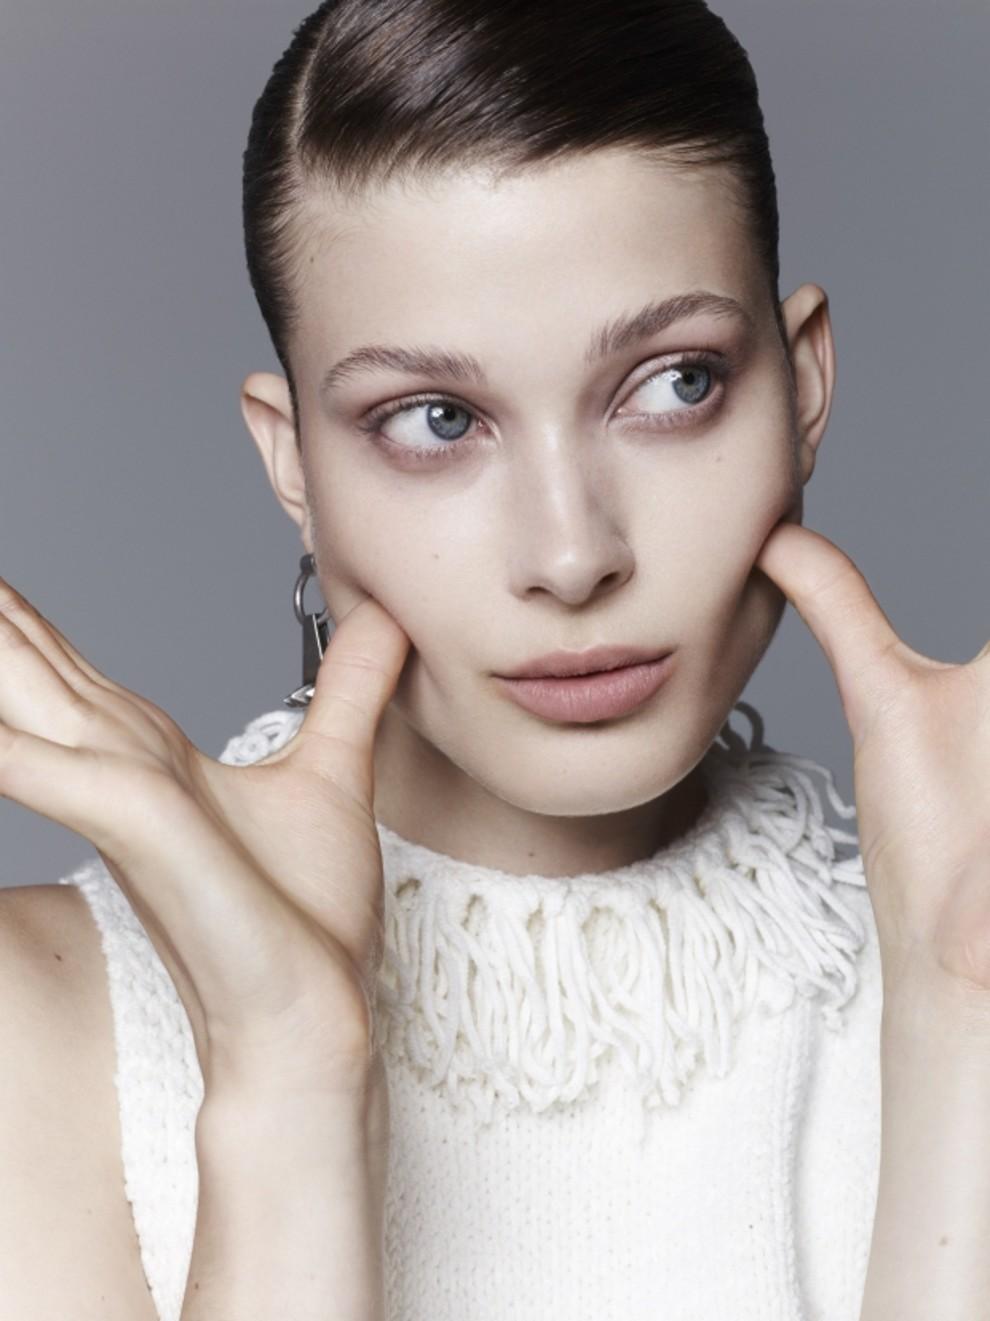 21e8a17acb17 7 трендов пластической хирургии в 2019 году   Vogue Ukraine